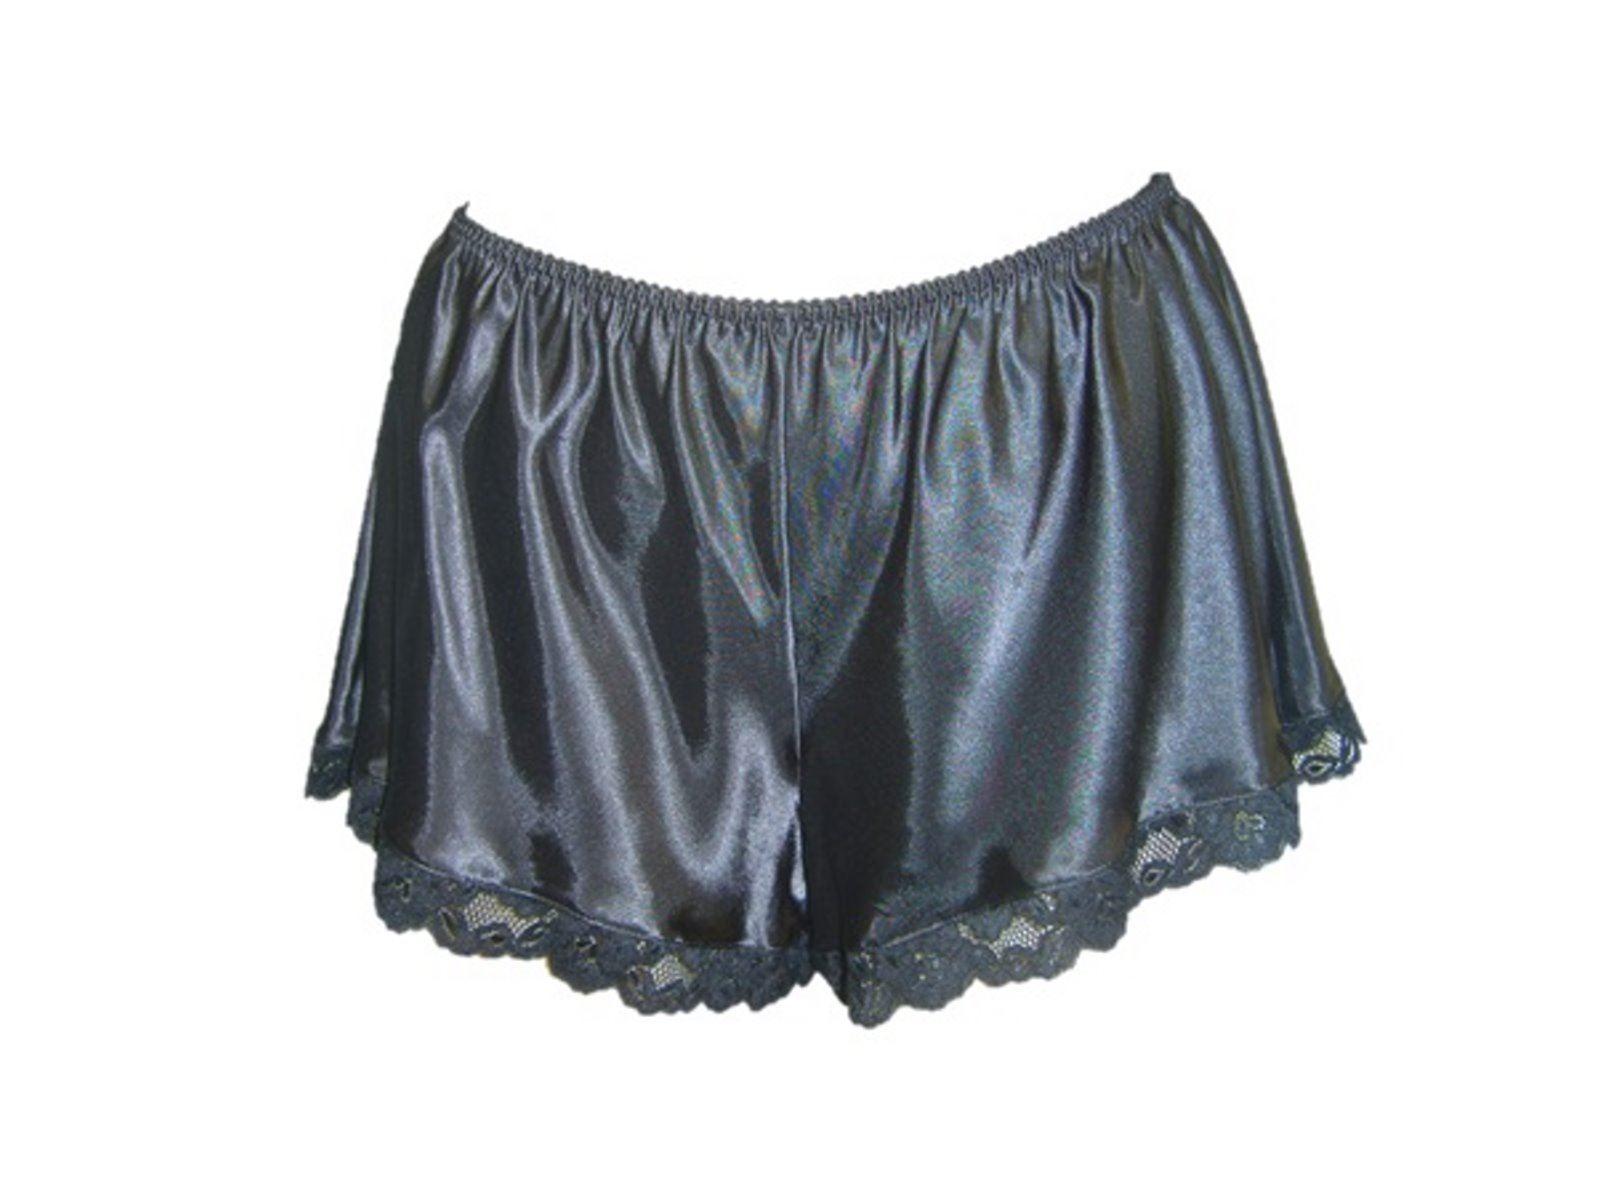 femme dentelle fran ais culotte satin de soie lingerie sous v tements slips culottes ebay. Black Bedroom Furniture Sets. Home Design Ideas